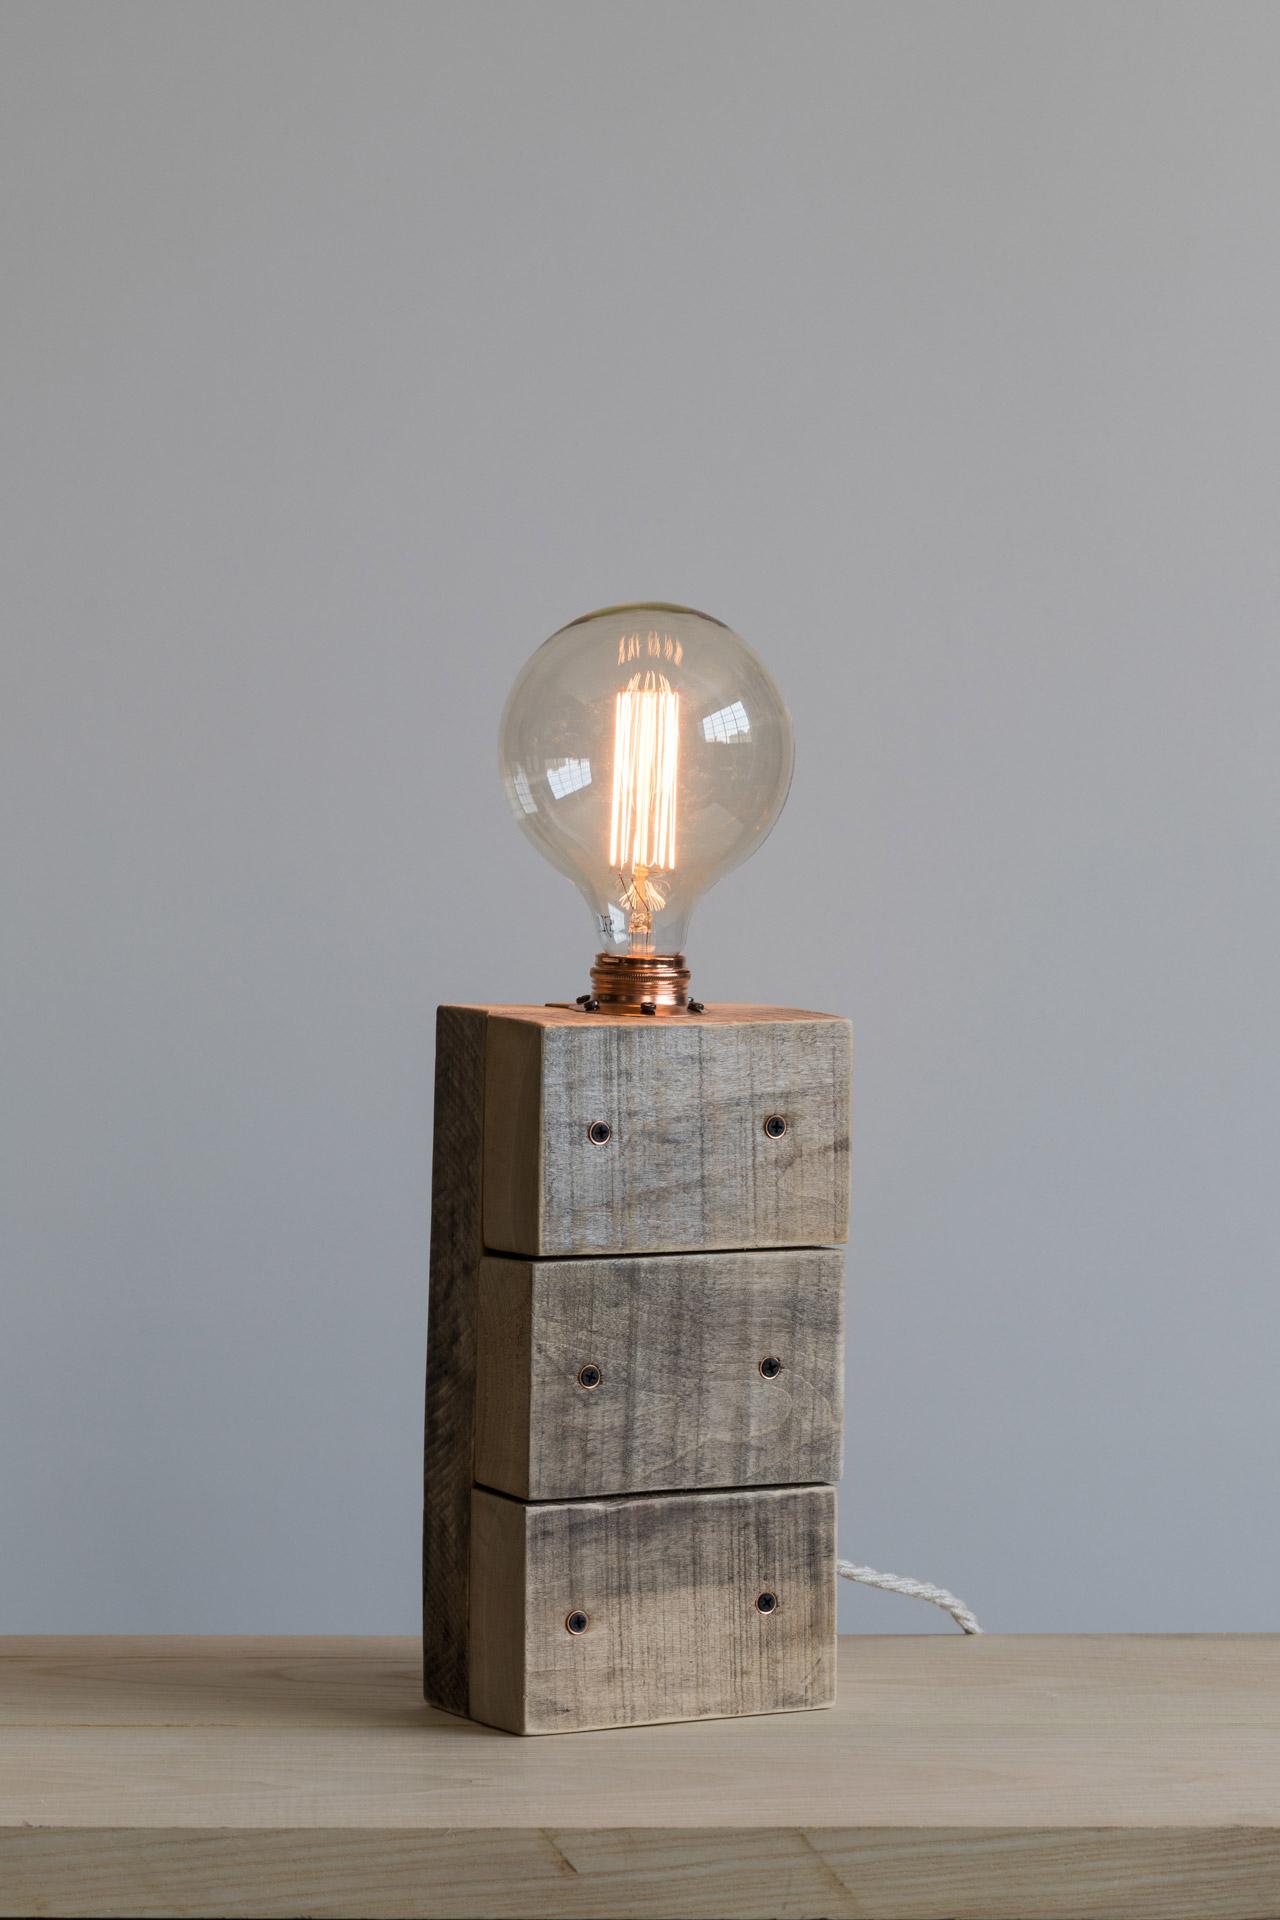 Lampada da tavolo Parallelepipedo illuminato, legno e rame 220v E27